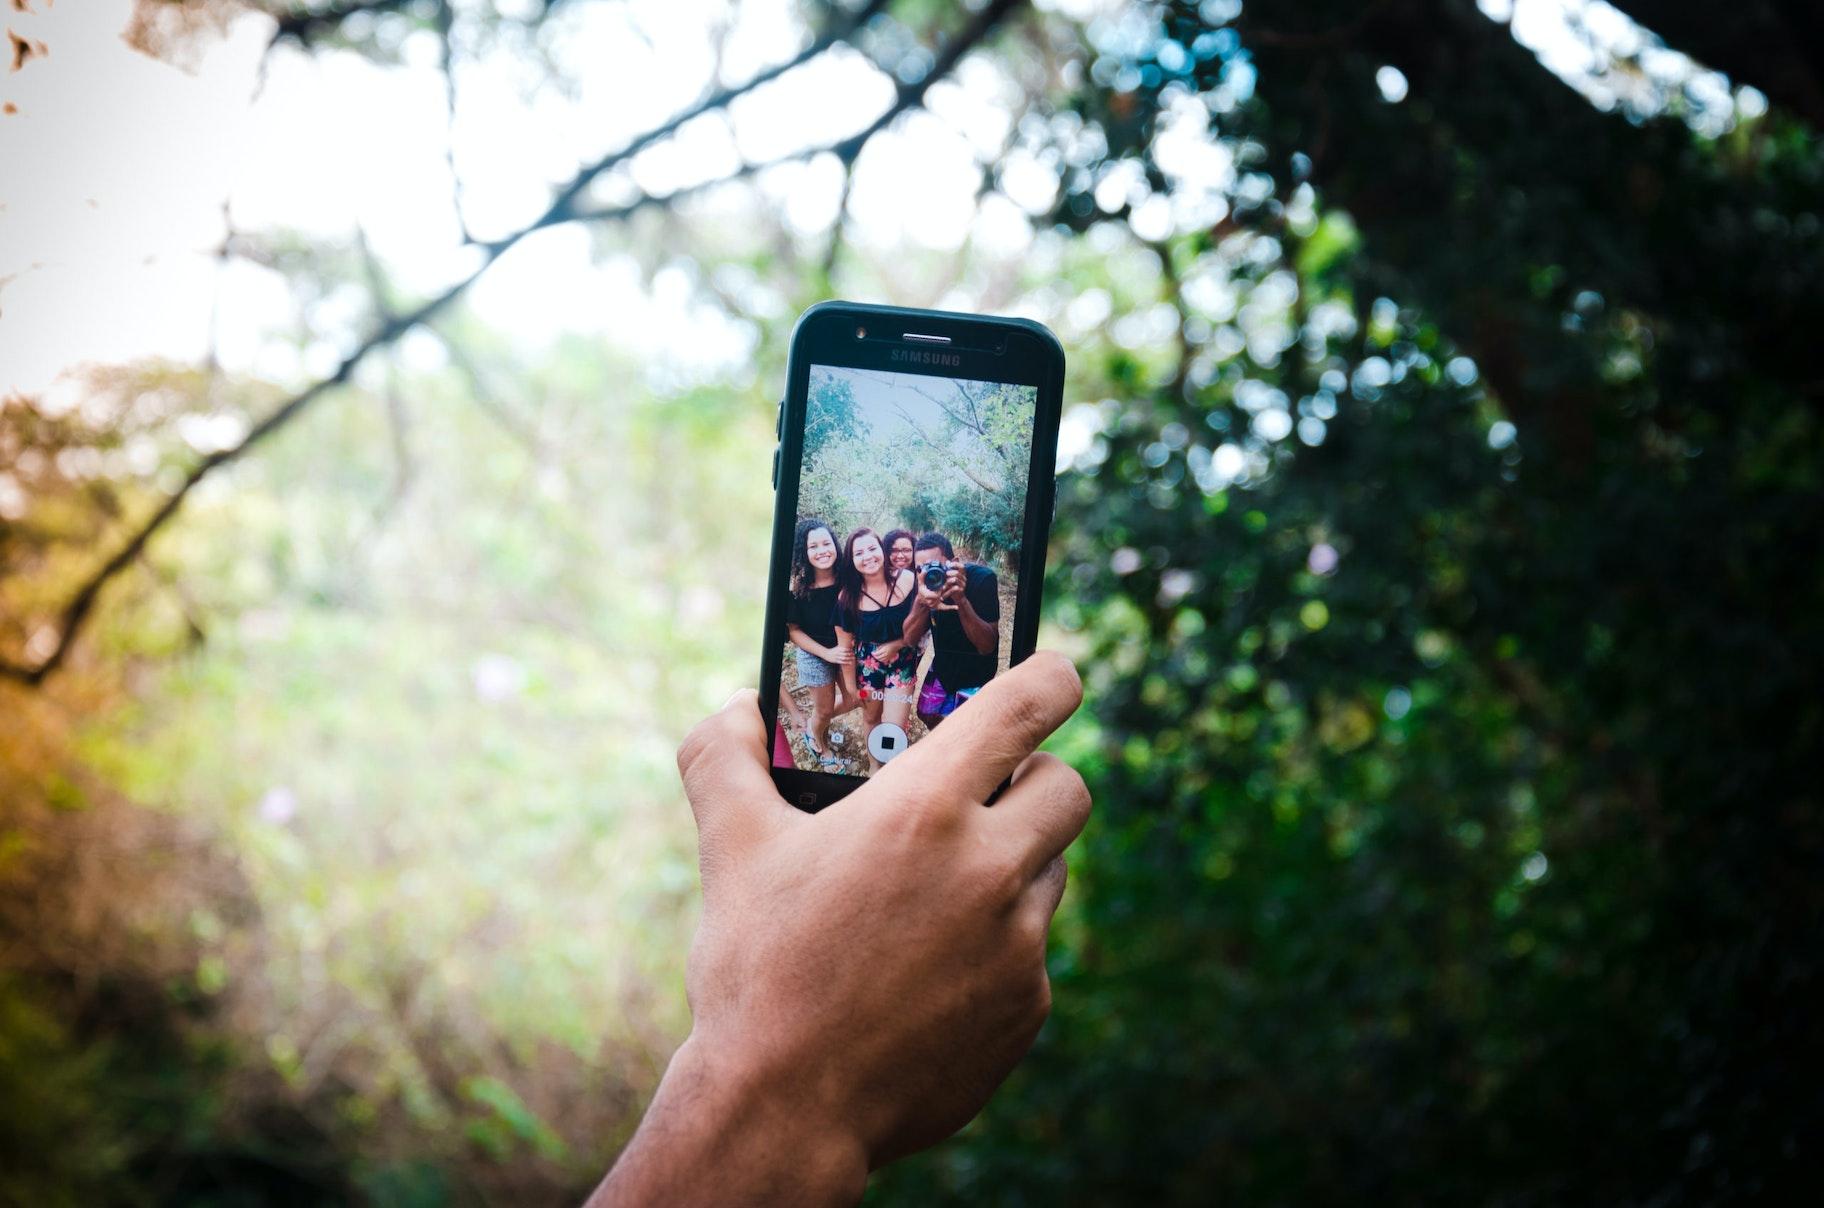 Mitos e verdades sobre o mercado de influenciadores digitais: selfie em grupo